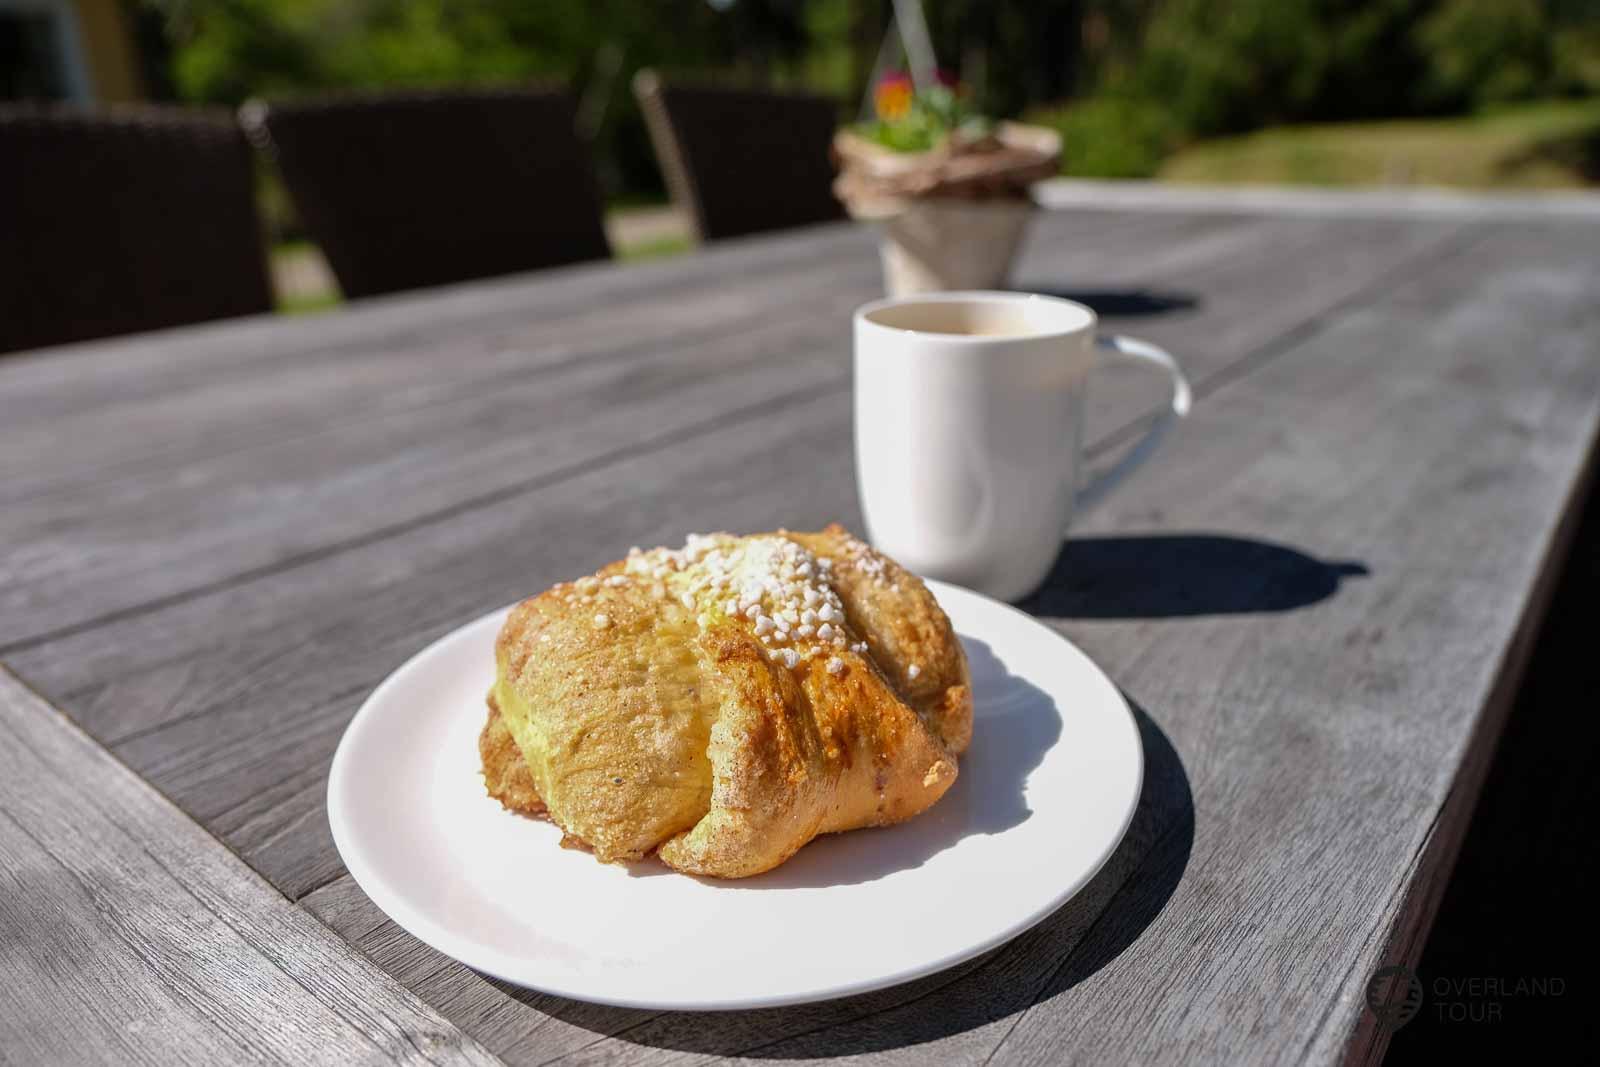 Mein Geheimtipp! Der Megagroße Bula und ein Kaffee im Vartsalan Vanha Koulu Café. Das alte Schulhaus mit dem Garten hat mit gefallen